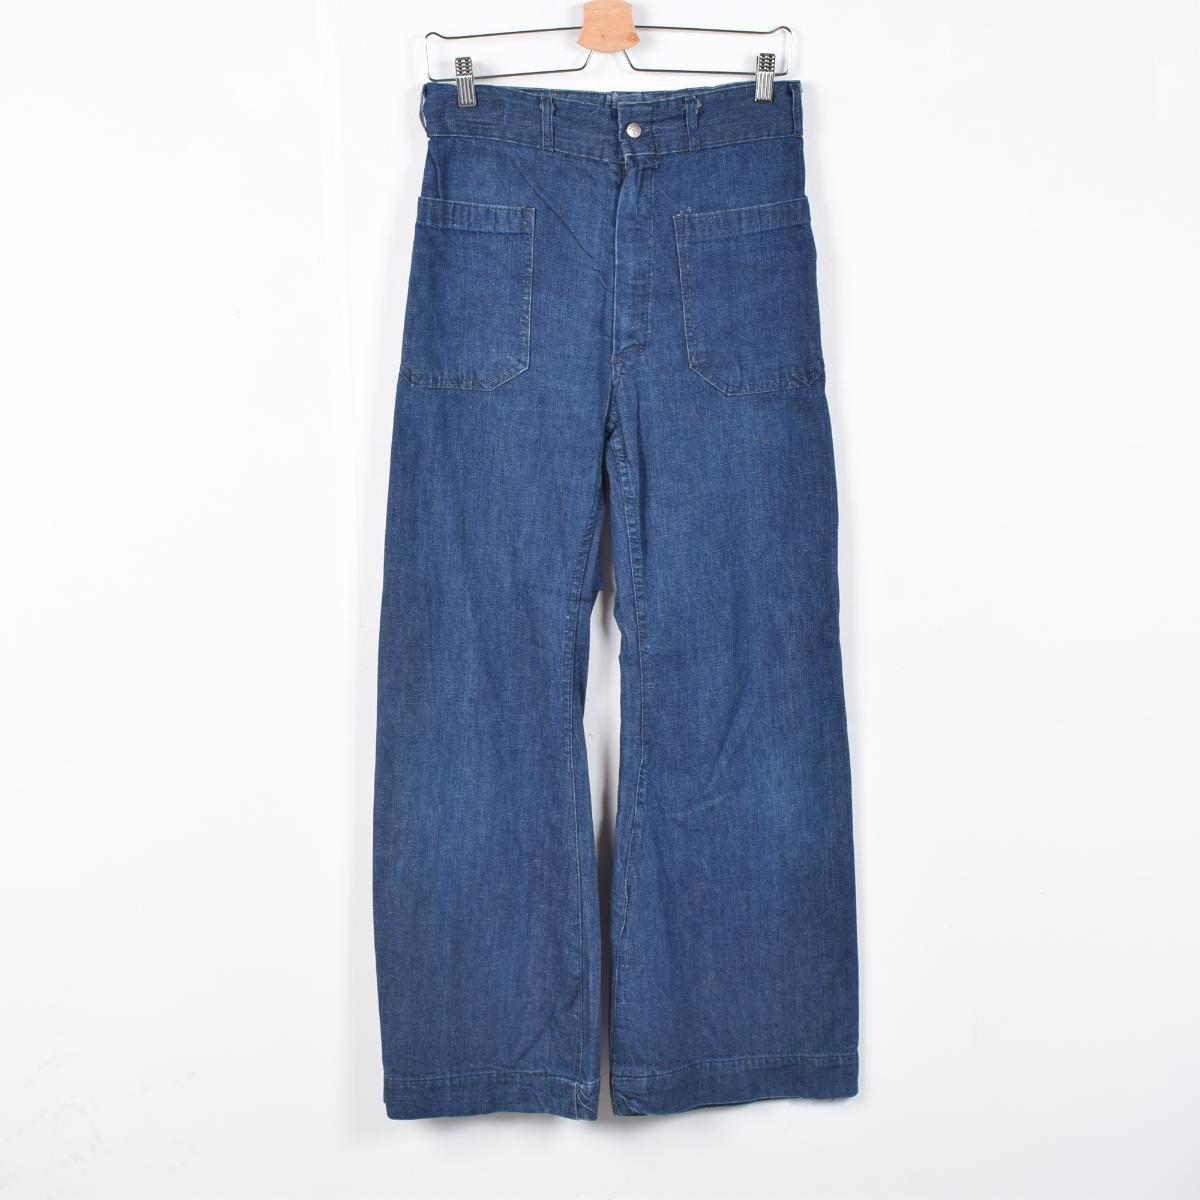 60 年代推出的 WALDES 拉链牛仔布水手裤裤男装 w30 老式海员 /wet7523 160911